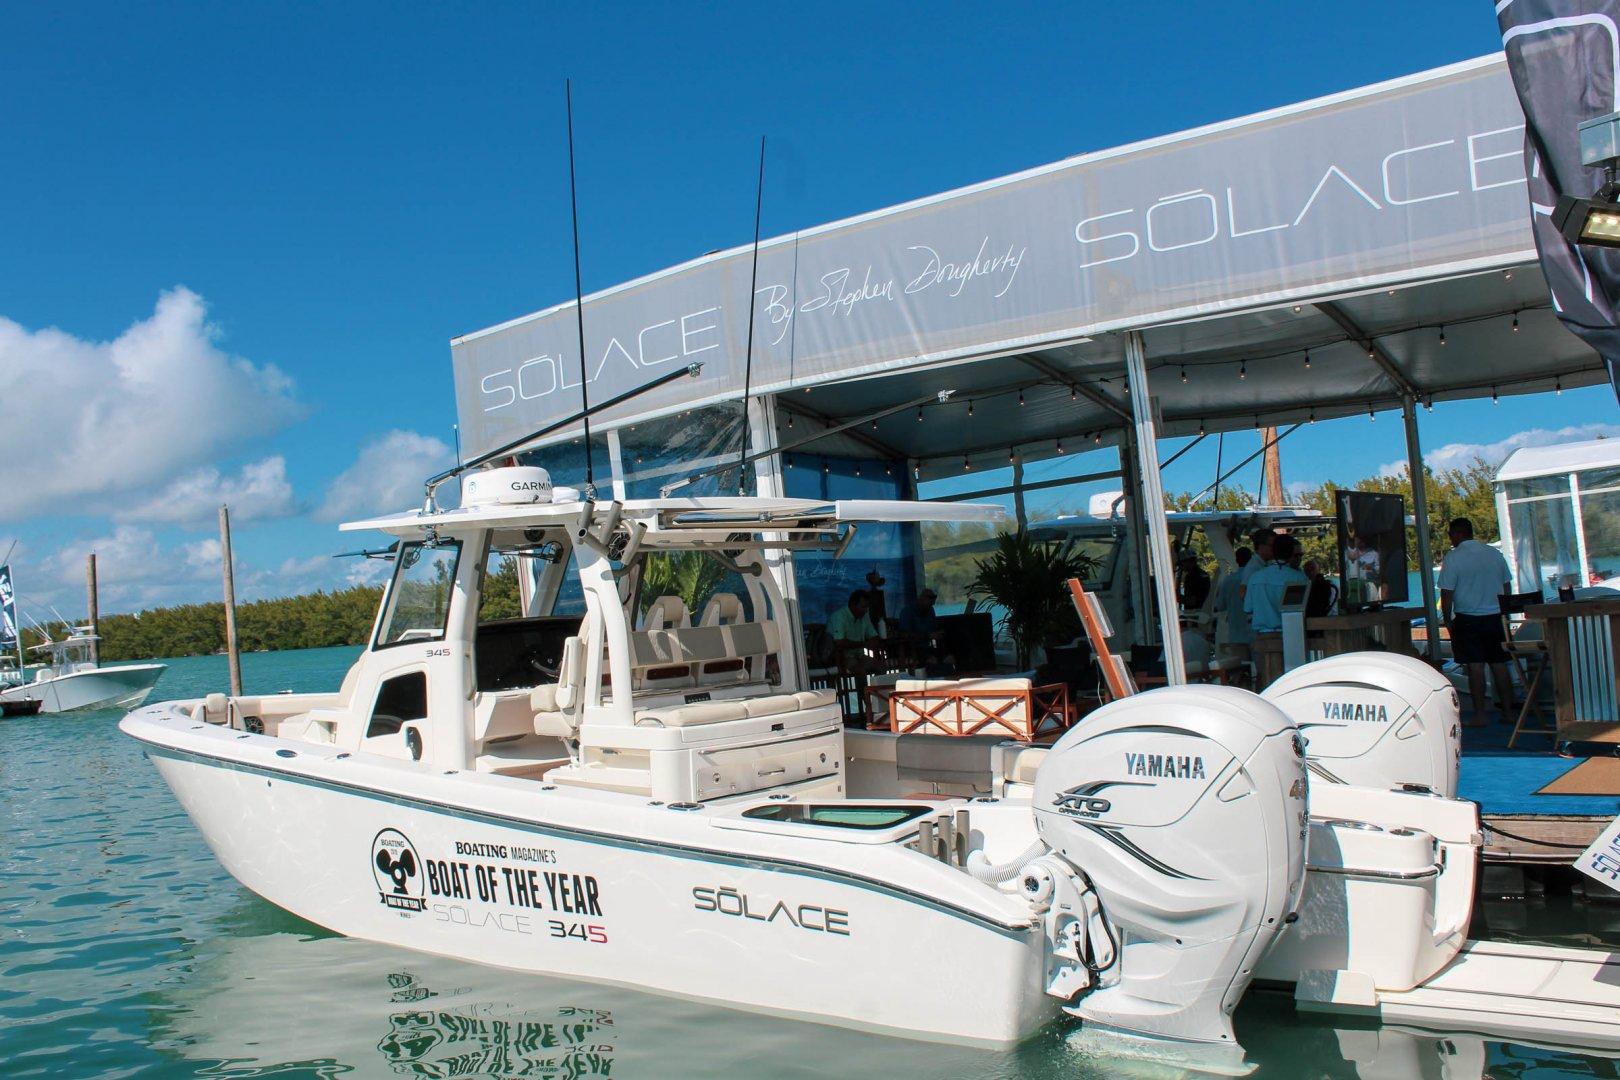 1 Sol 345 Boat of Yar_web_size.jpg